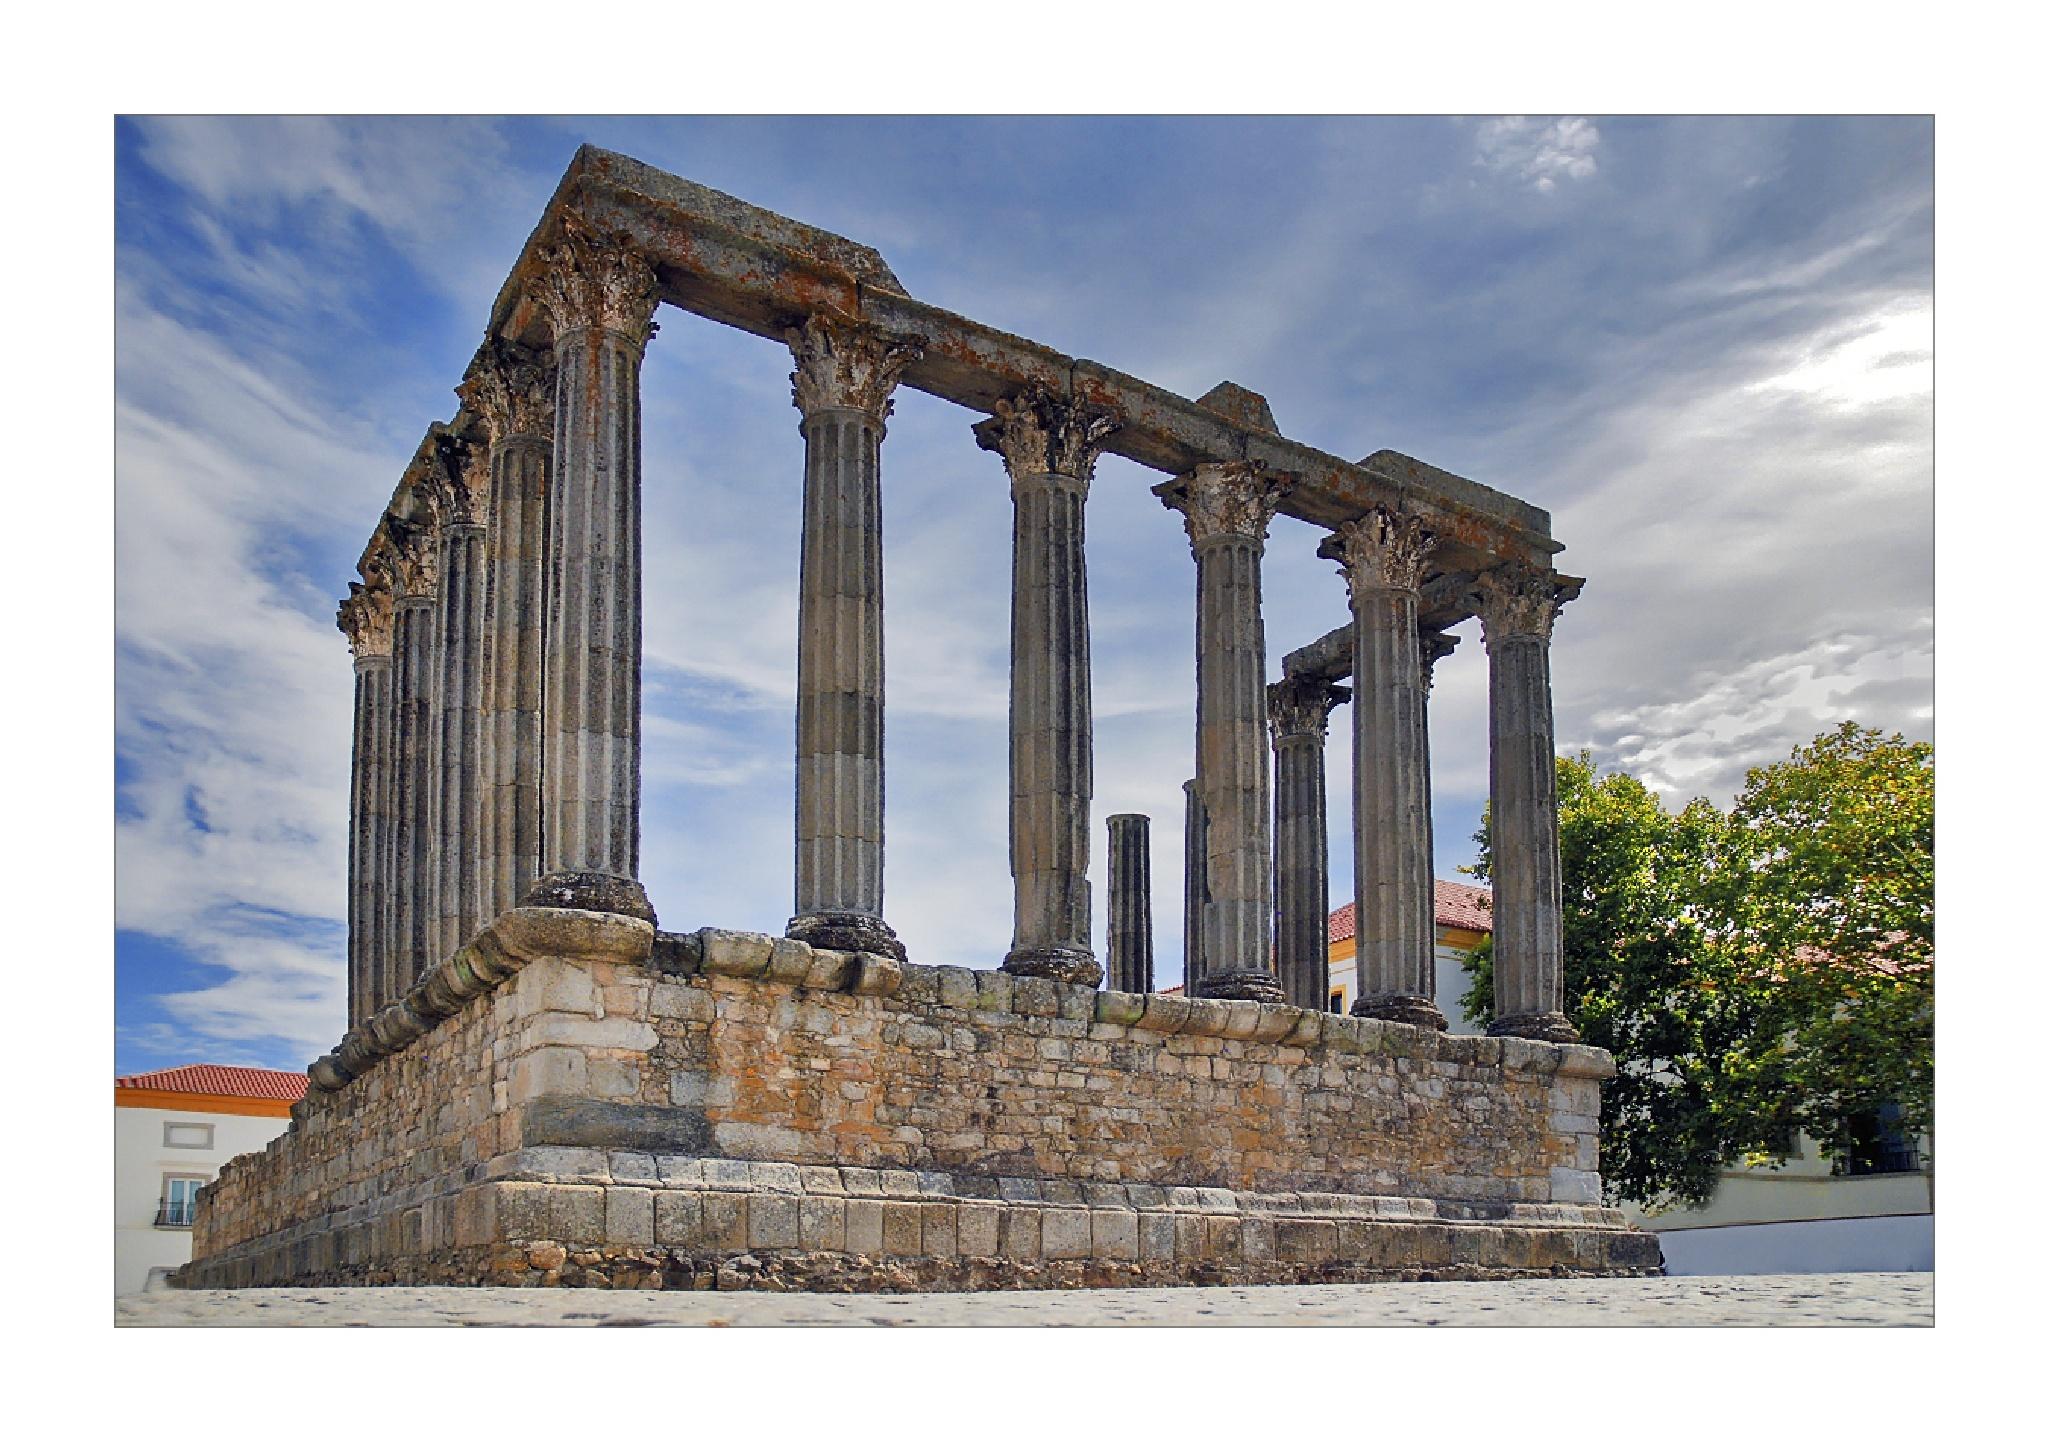 Templo de Diana by antónio marciano